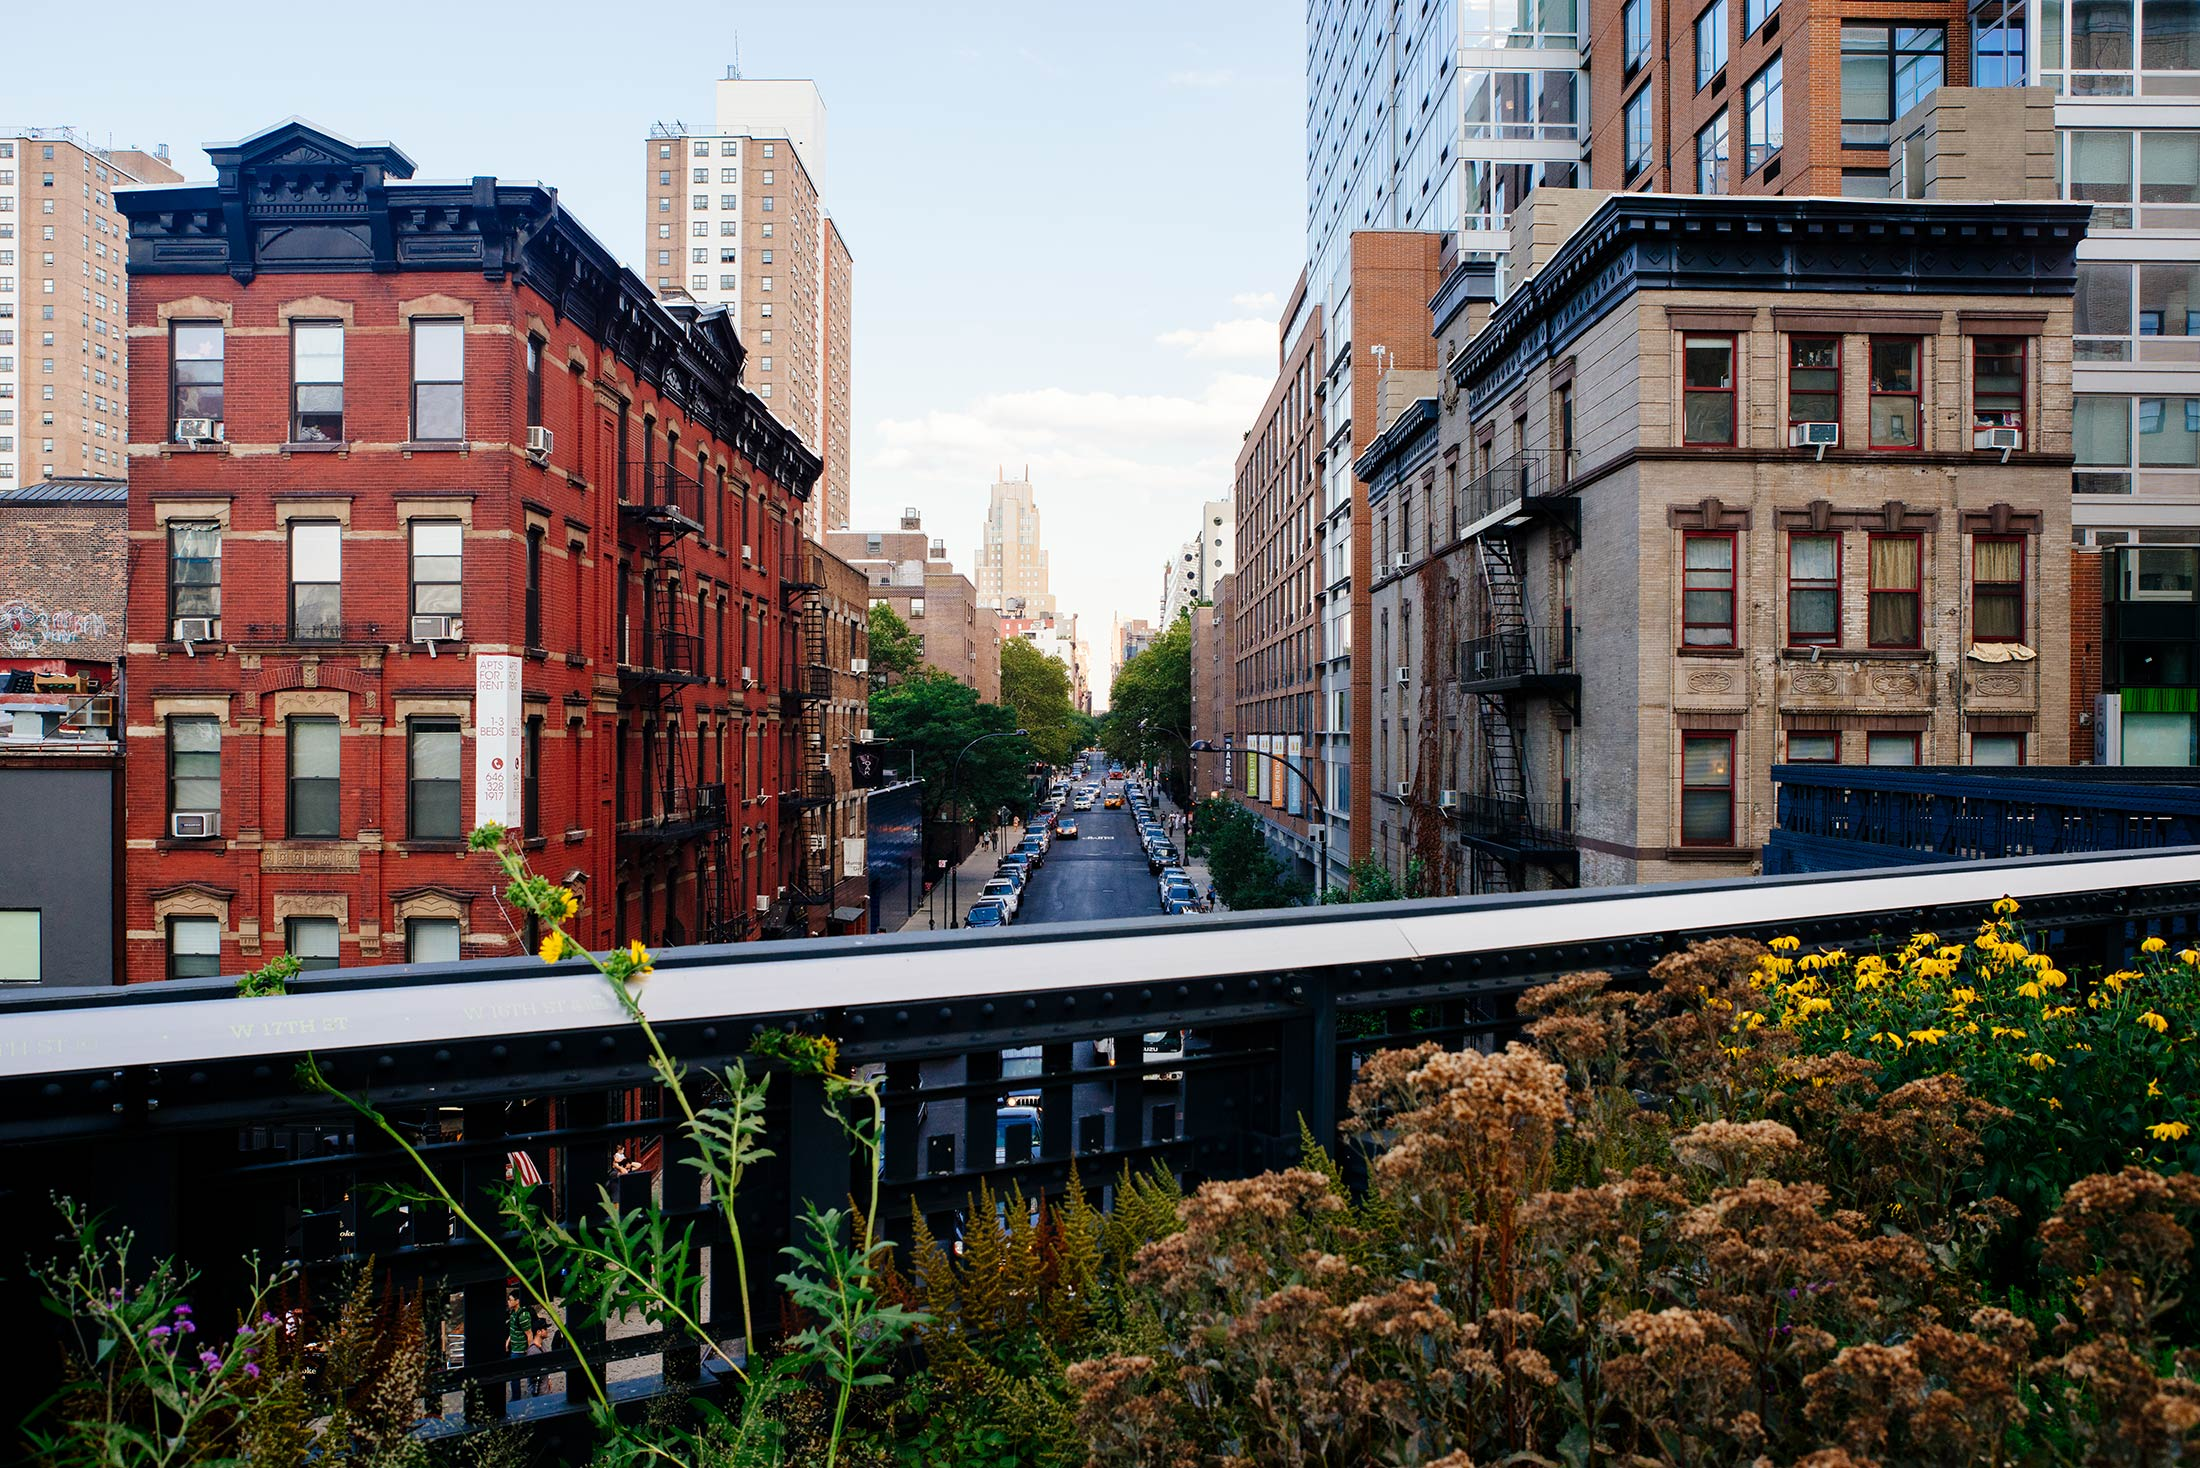 NYC_NewYorkCity_13-Mitja_Schneehage